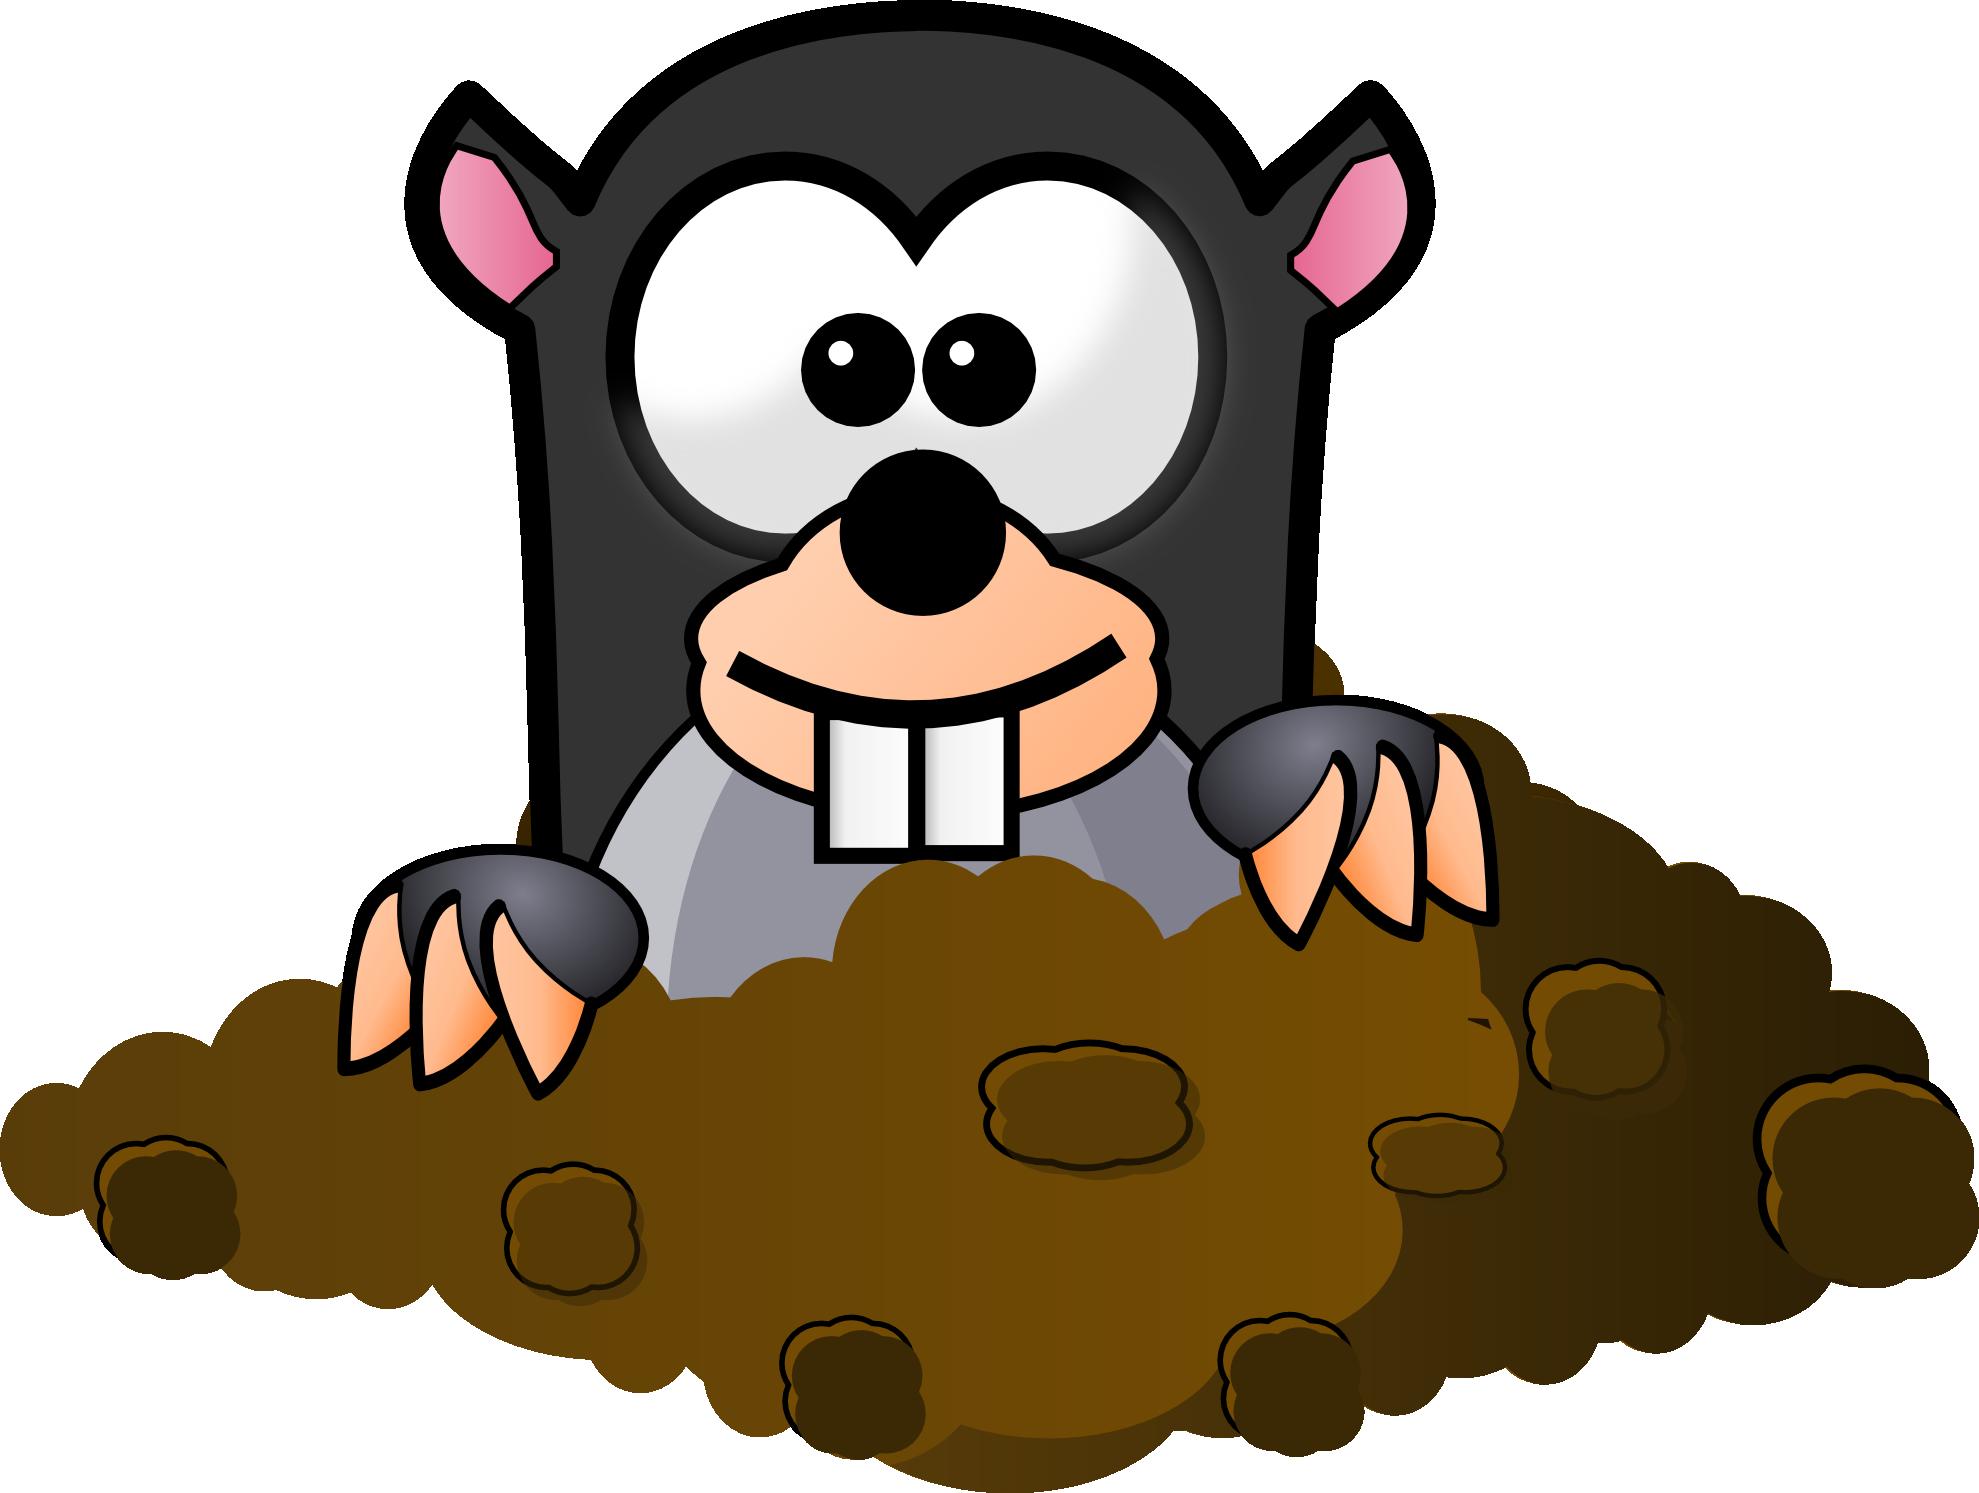 鼹鼠和土拨鼠有什么区别啊图片